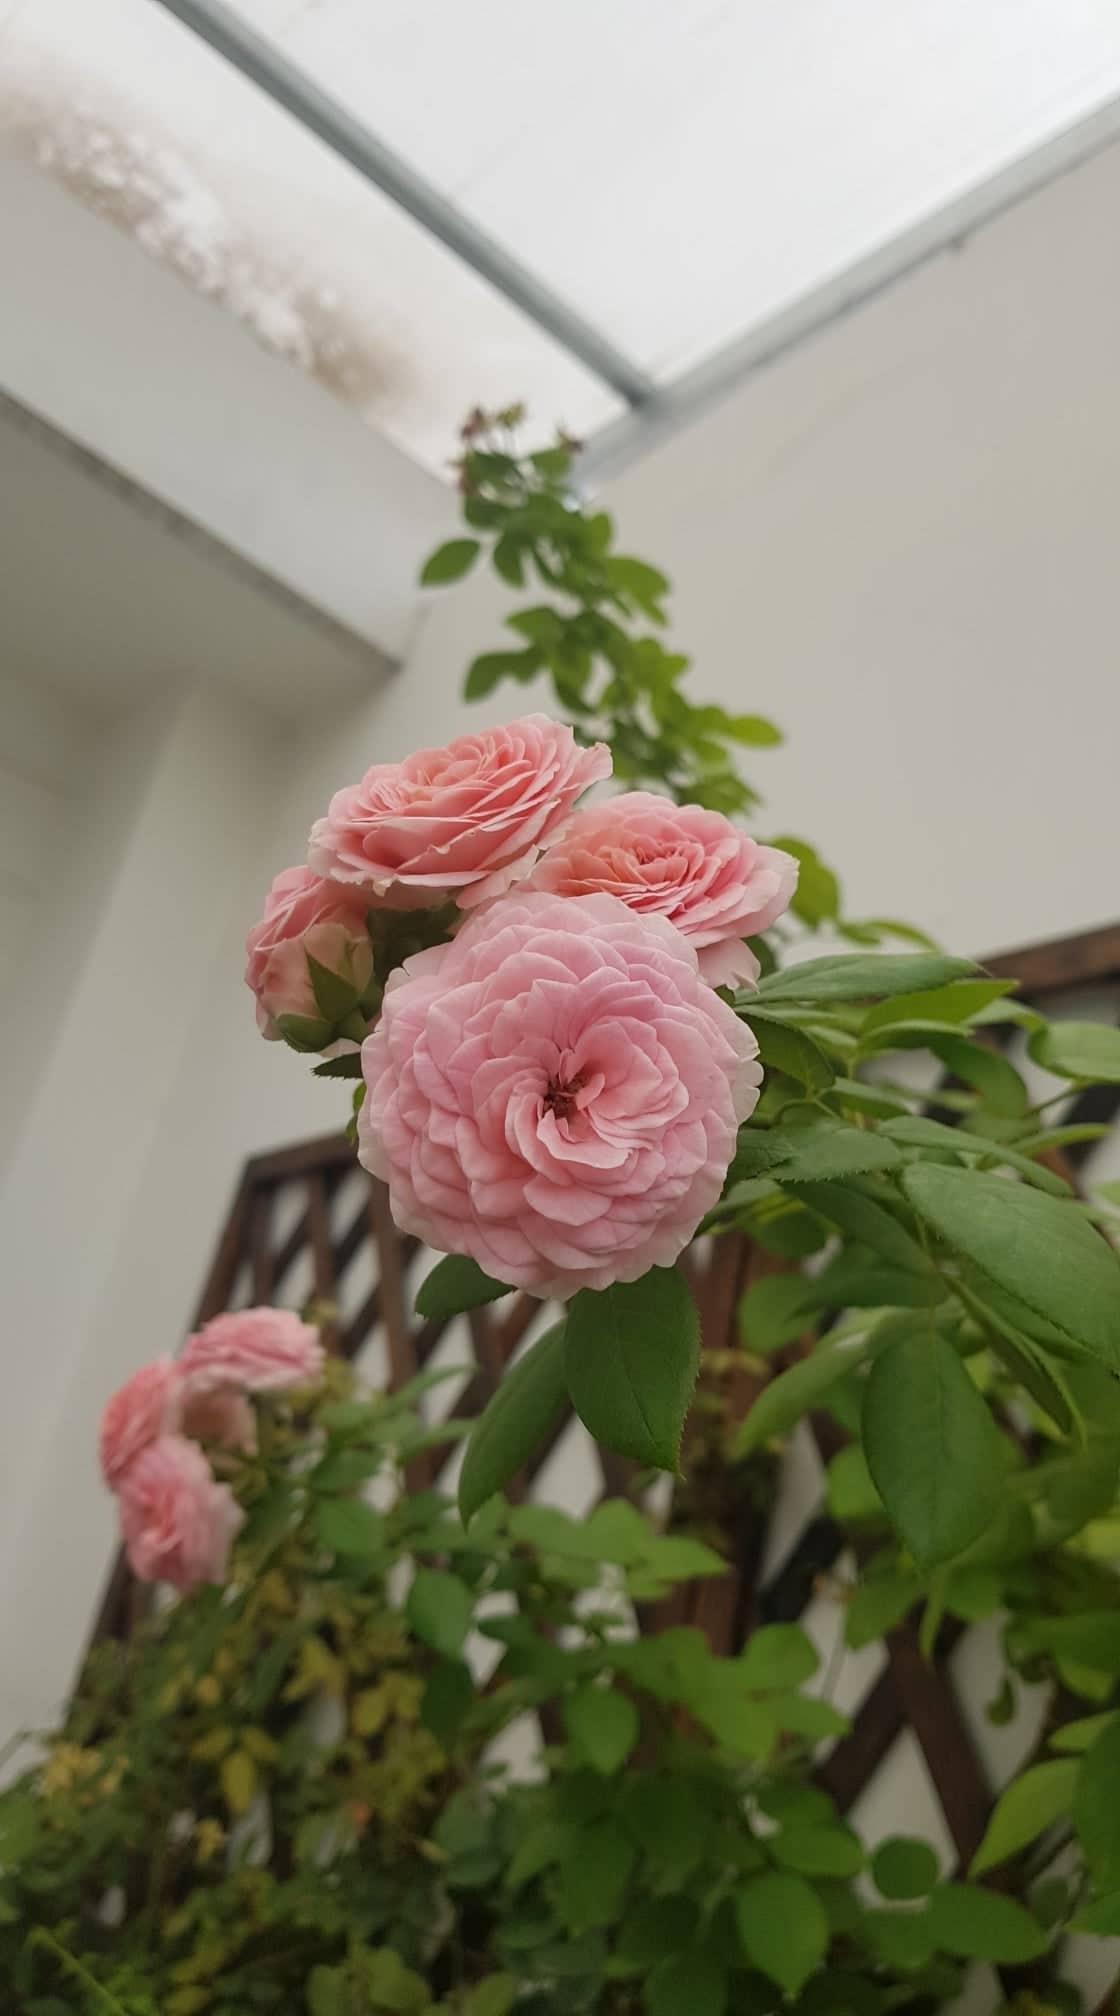 san thuong trong hon 400 giong hong cay nao cung no hoa ruc ro o binh duong